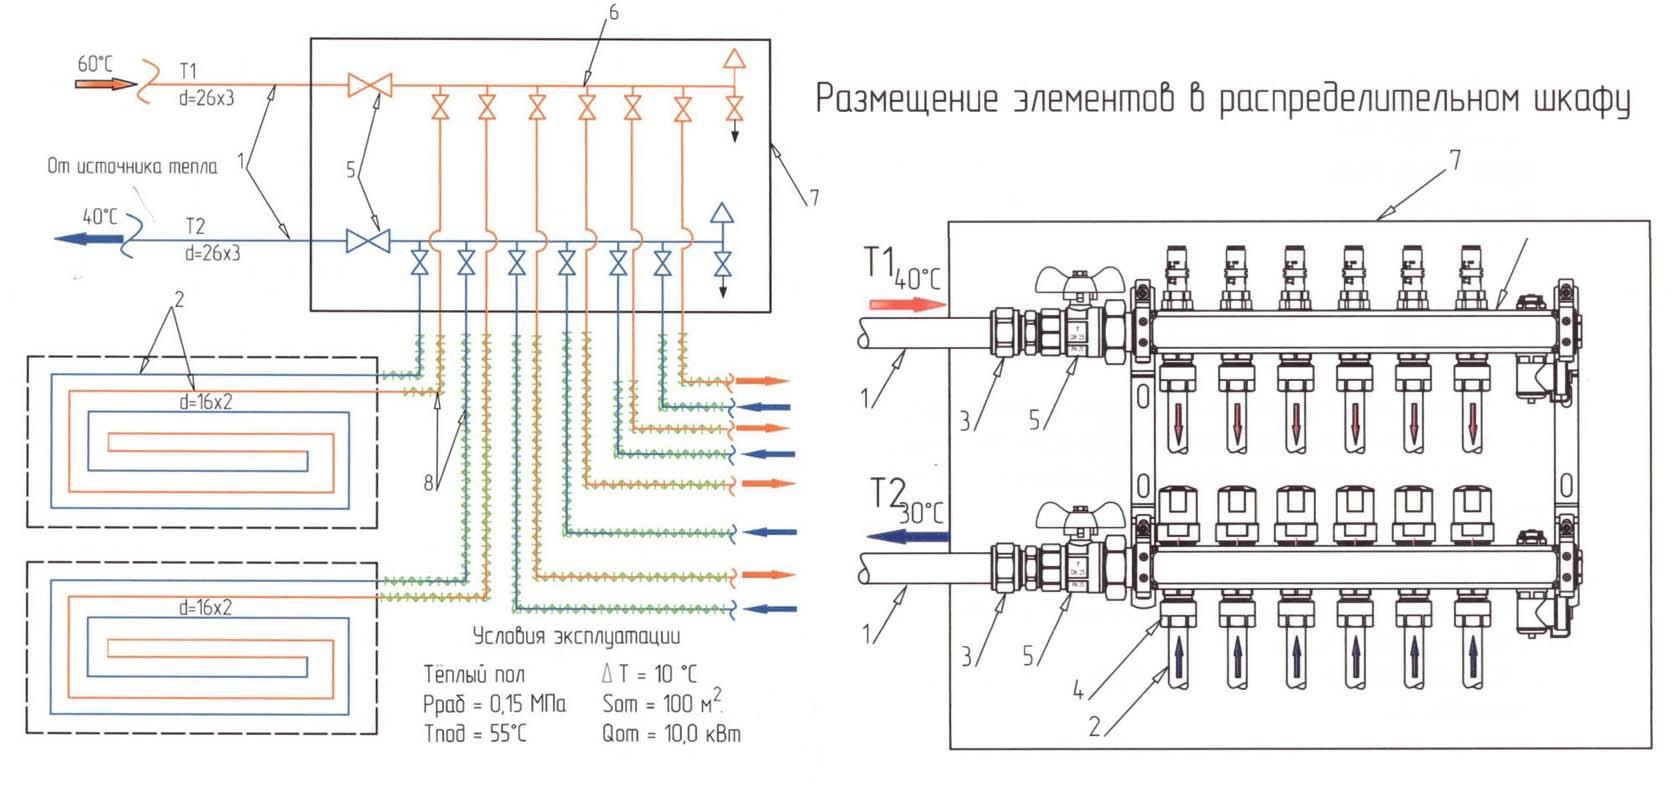 Схема отопления теплых полов 100м2